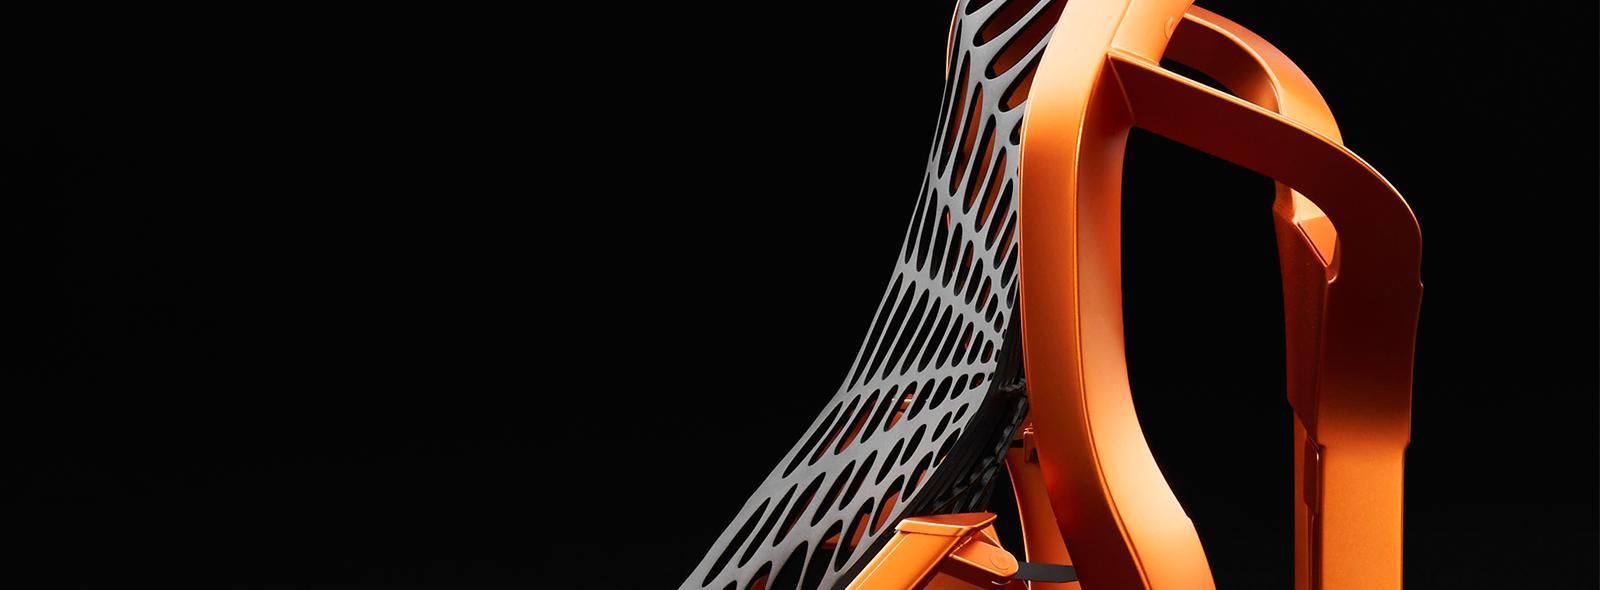 2016-Lexus-UX-Concept-Gallery-07-base-cut-side